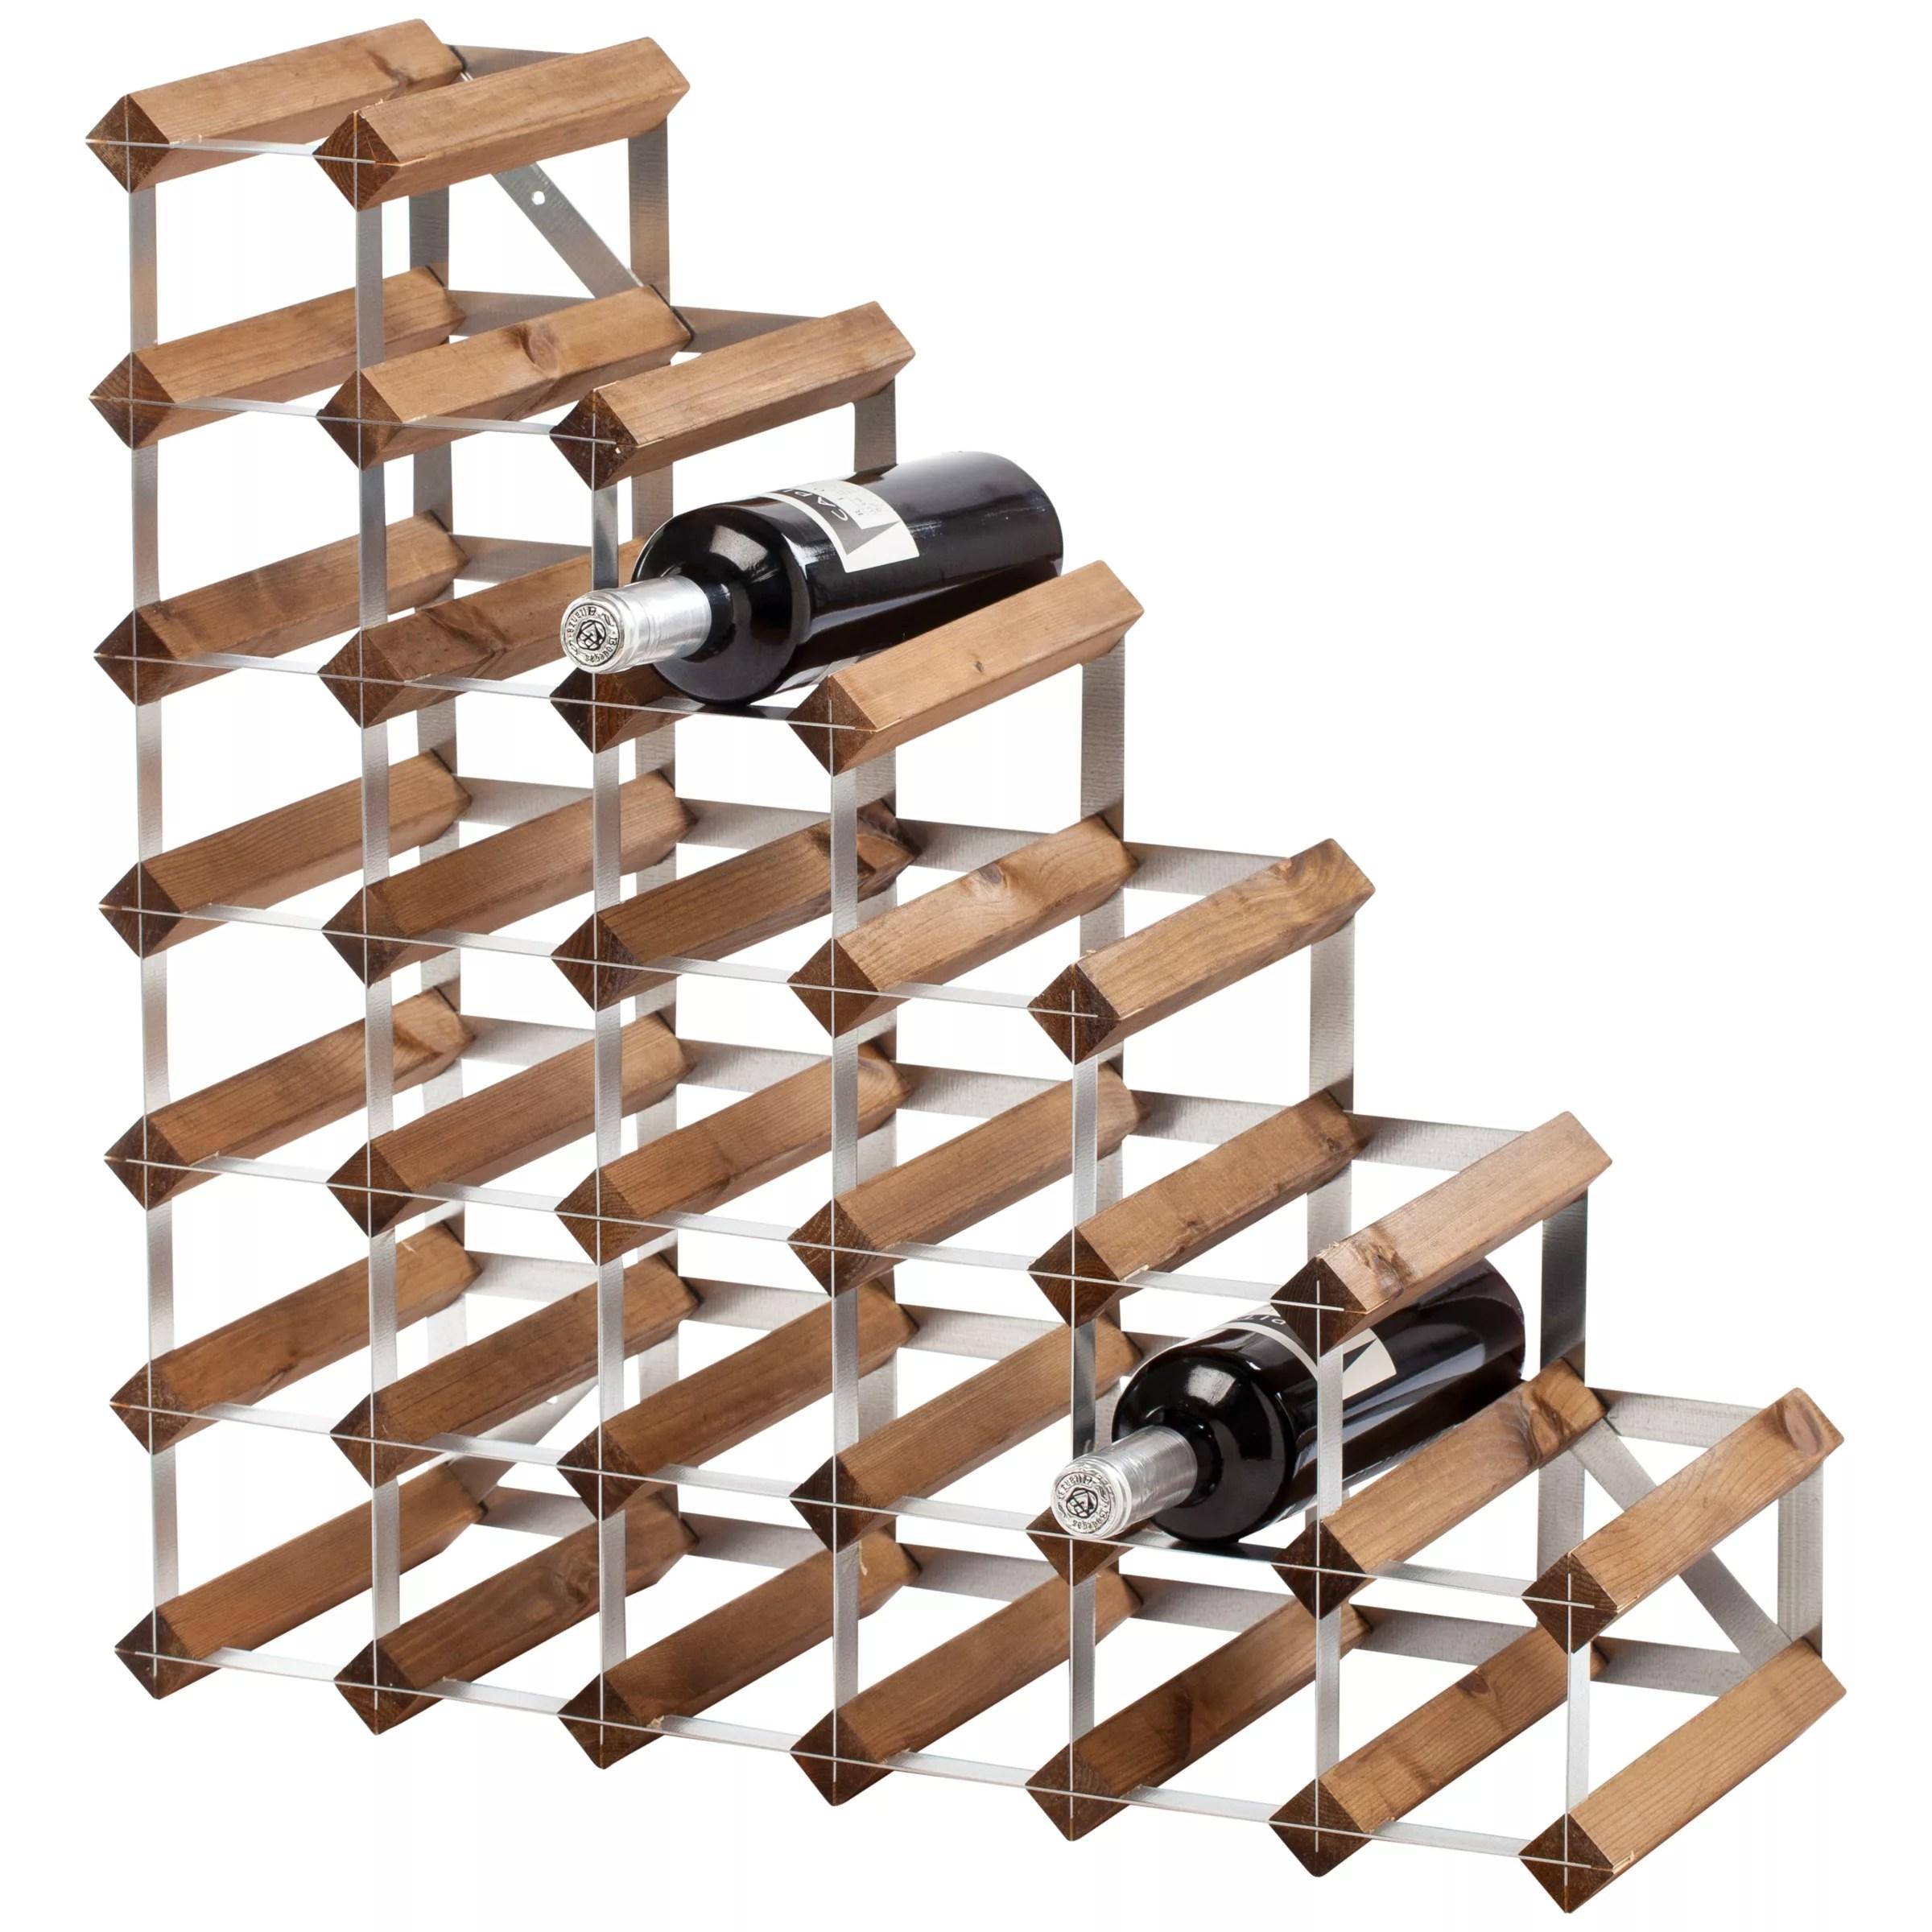 Traditional Wine Rack Co Redwood Wine Rack, 27 Bottle